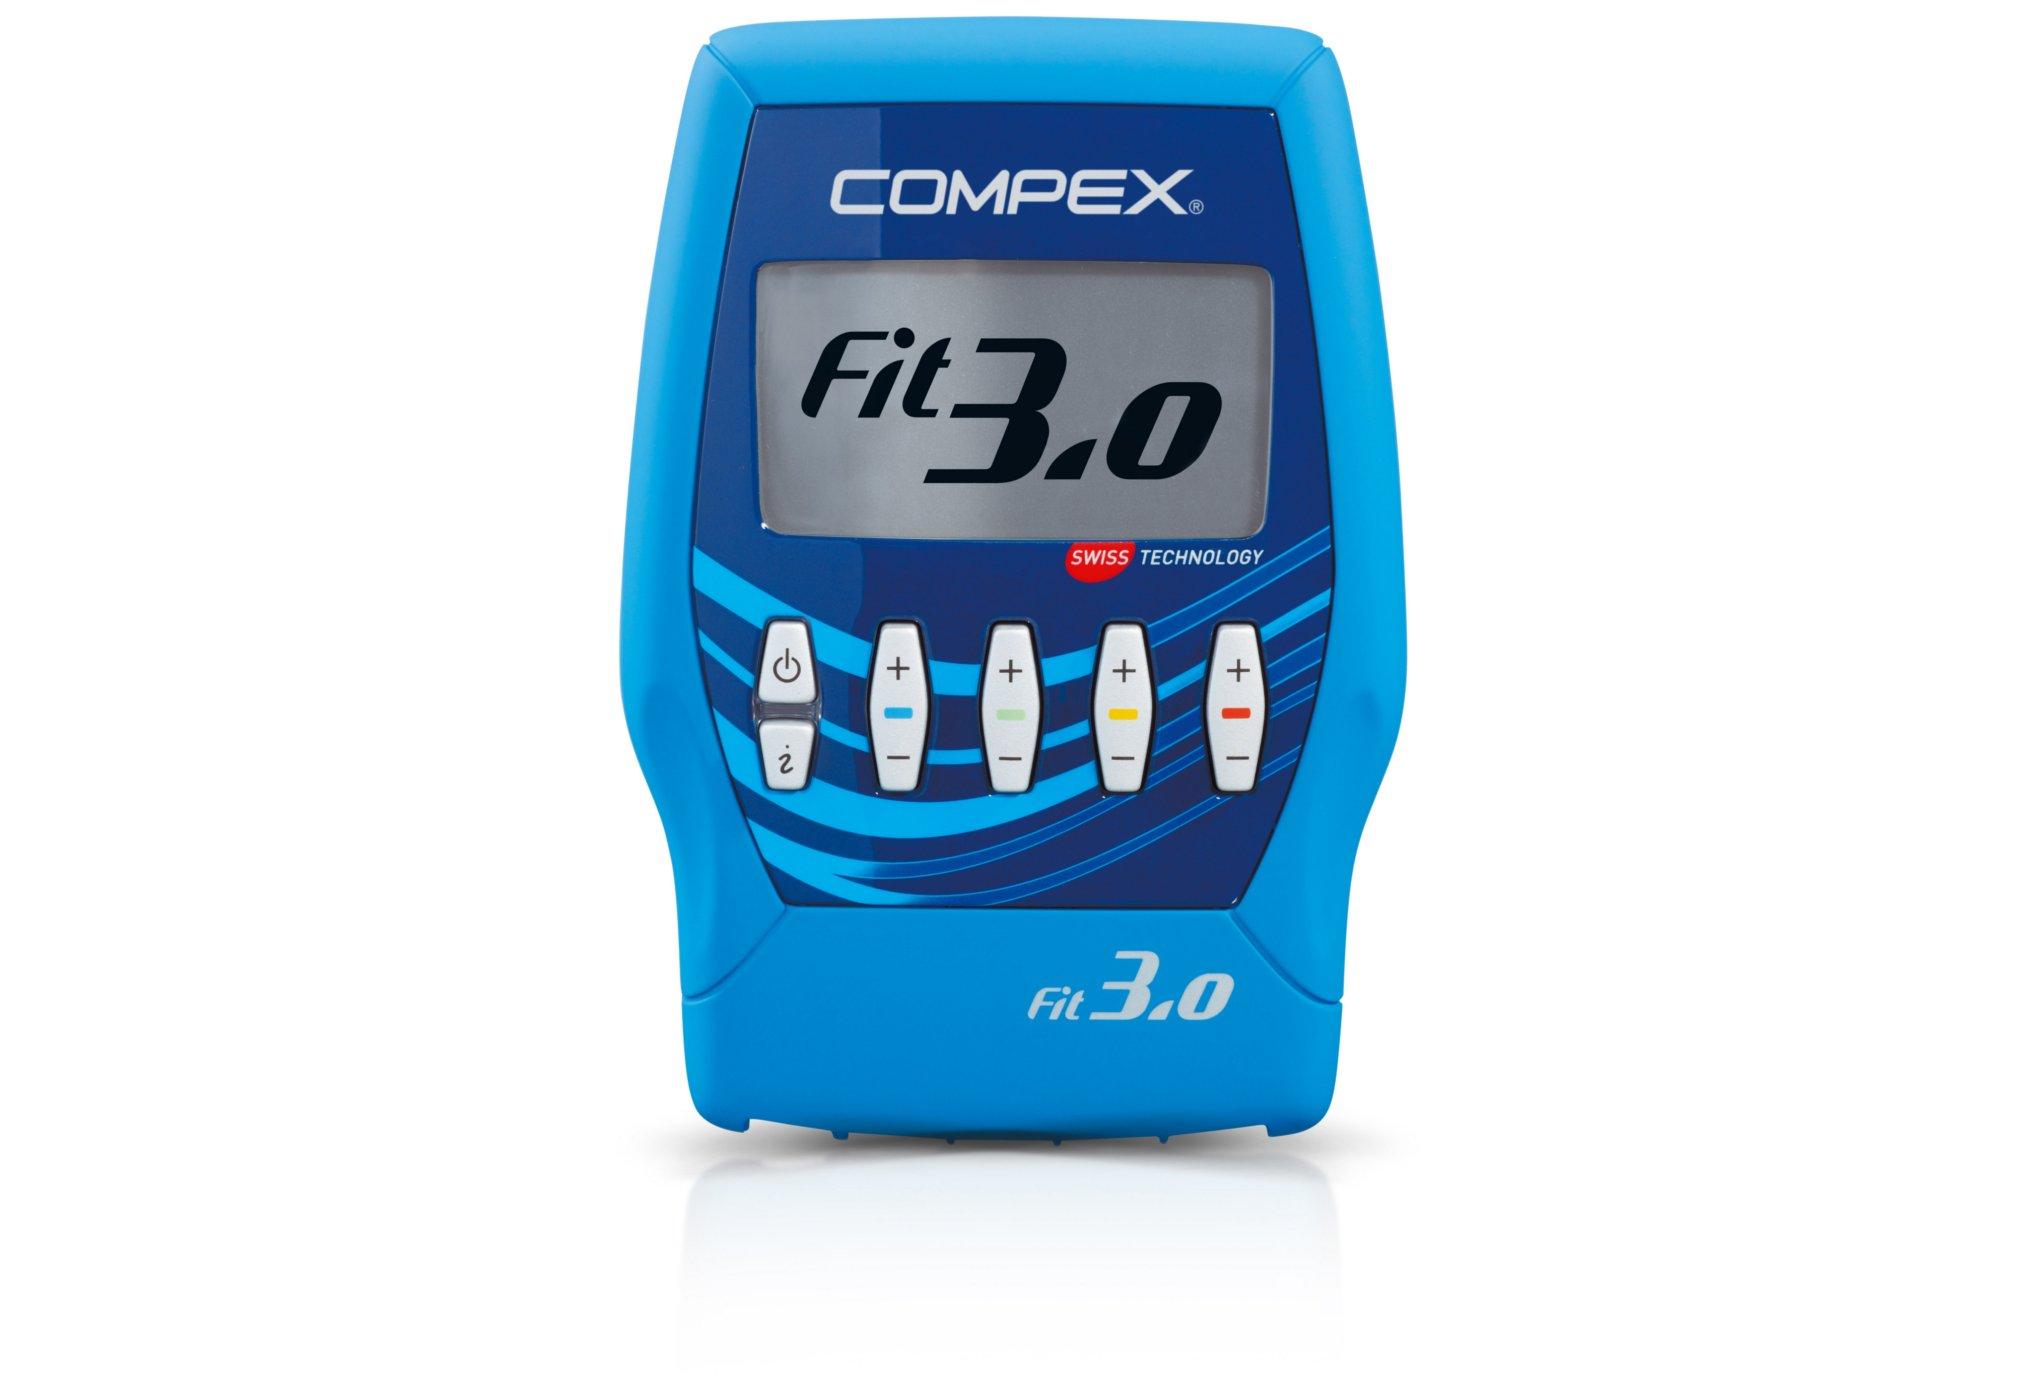 Compex Fit 3.0 Electrostimulateur